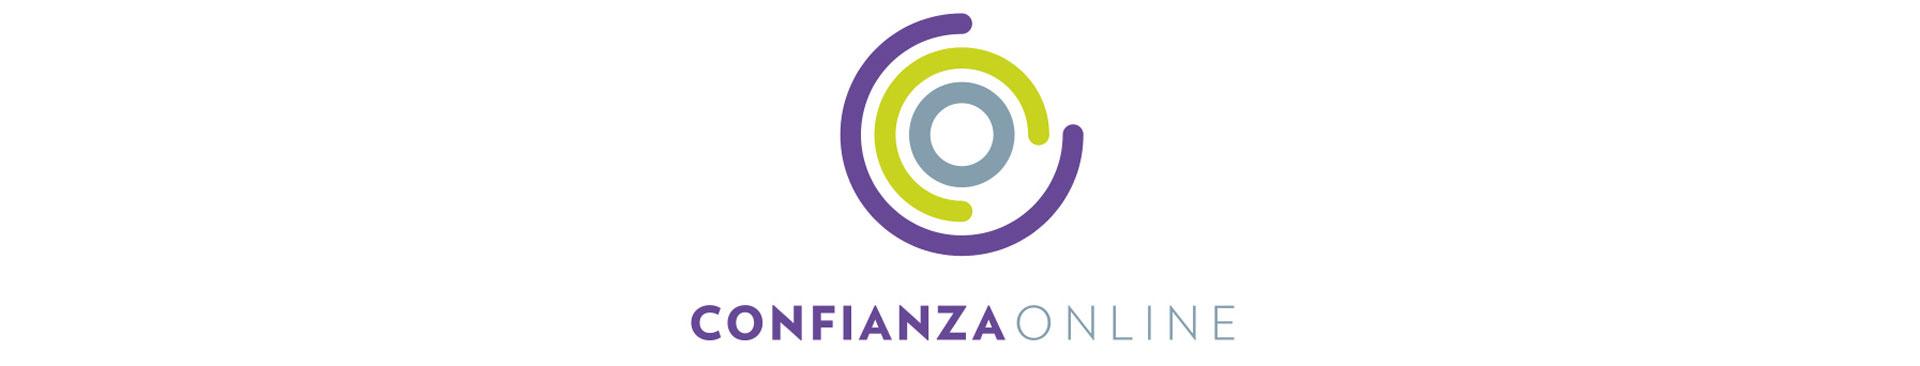 Informe de Confianza Online 2014: los ecommerce a examen